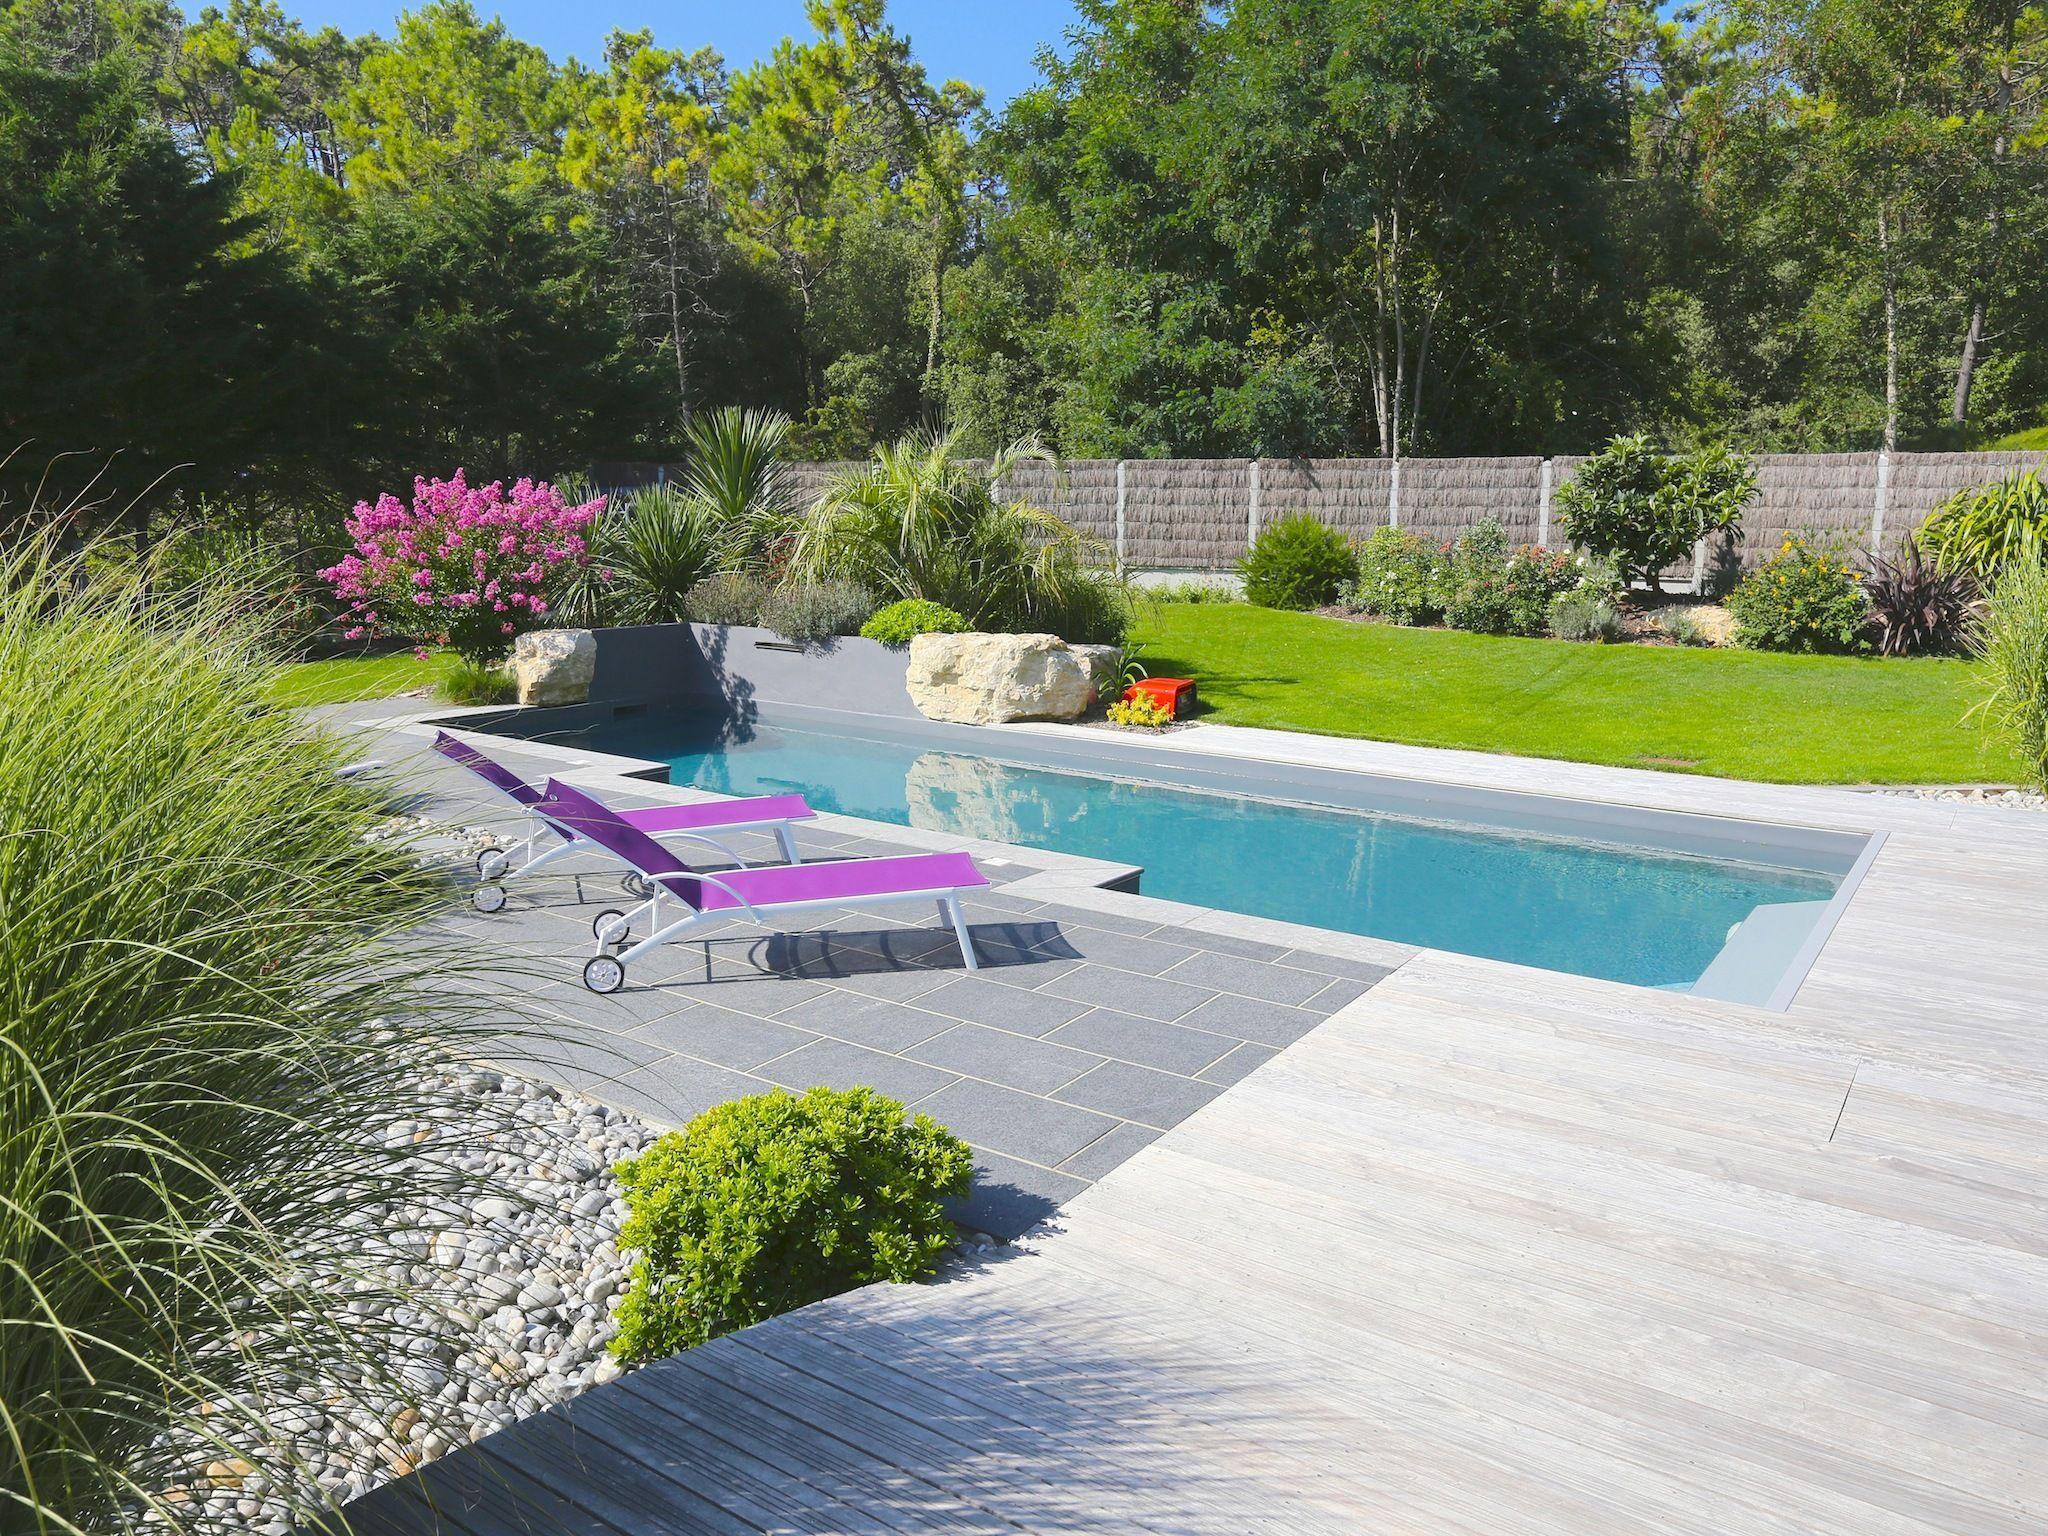 La piscine paysag e par l 39 esprit piscine 8 x 3 5 m for Mini piscine